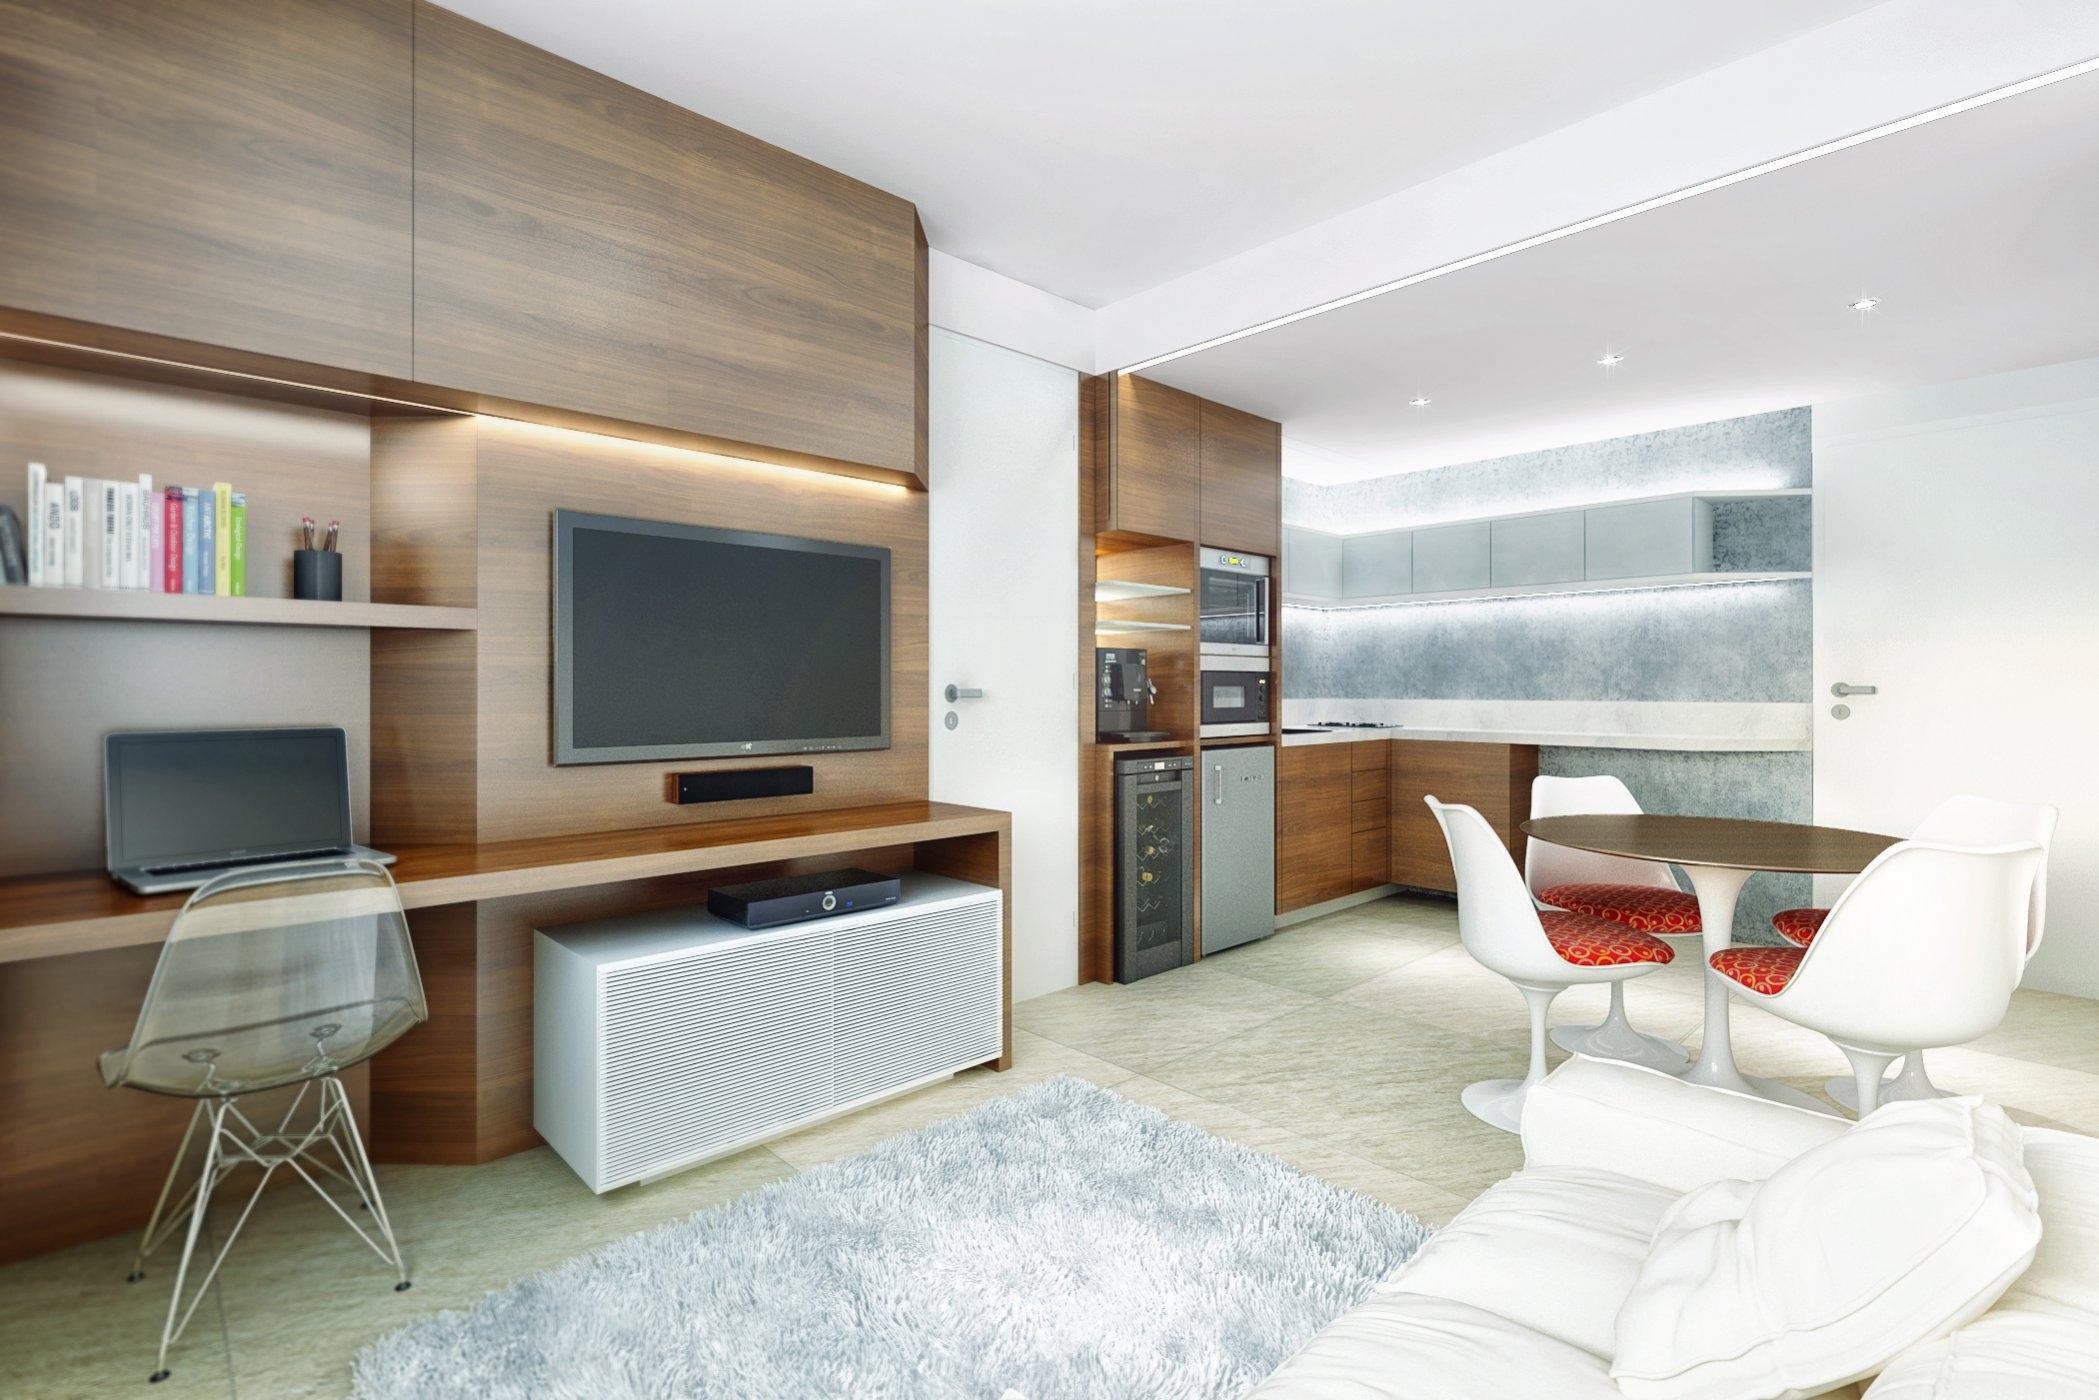 Desain Interior Apartemen Berukuran Mungil 2